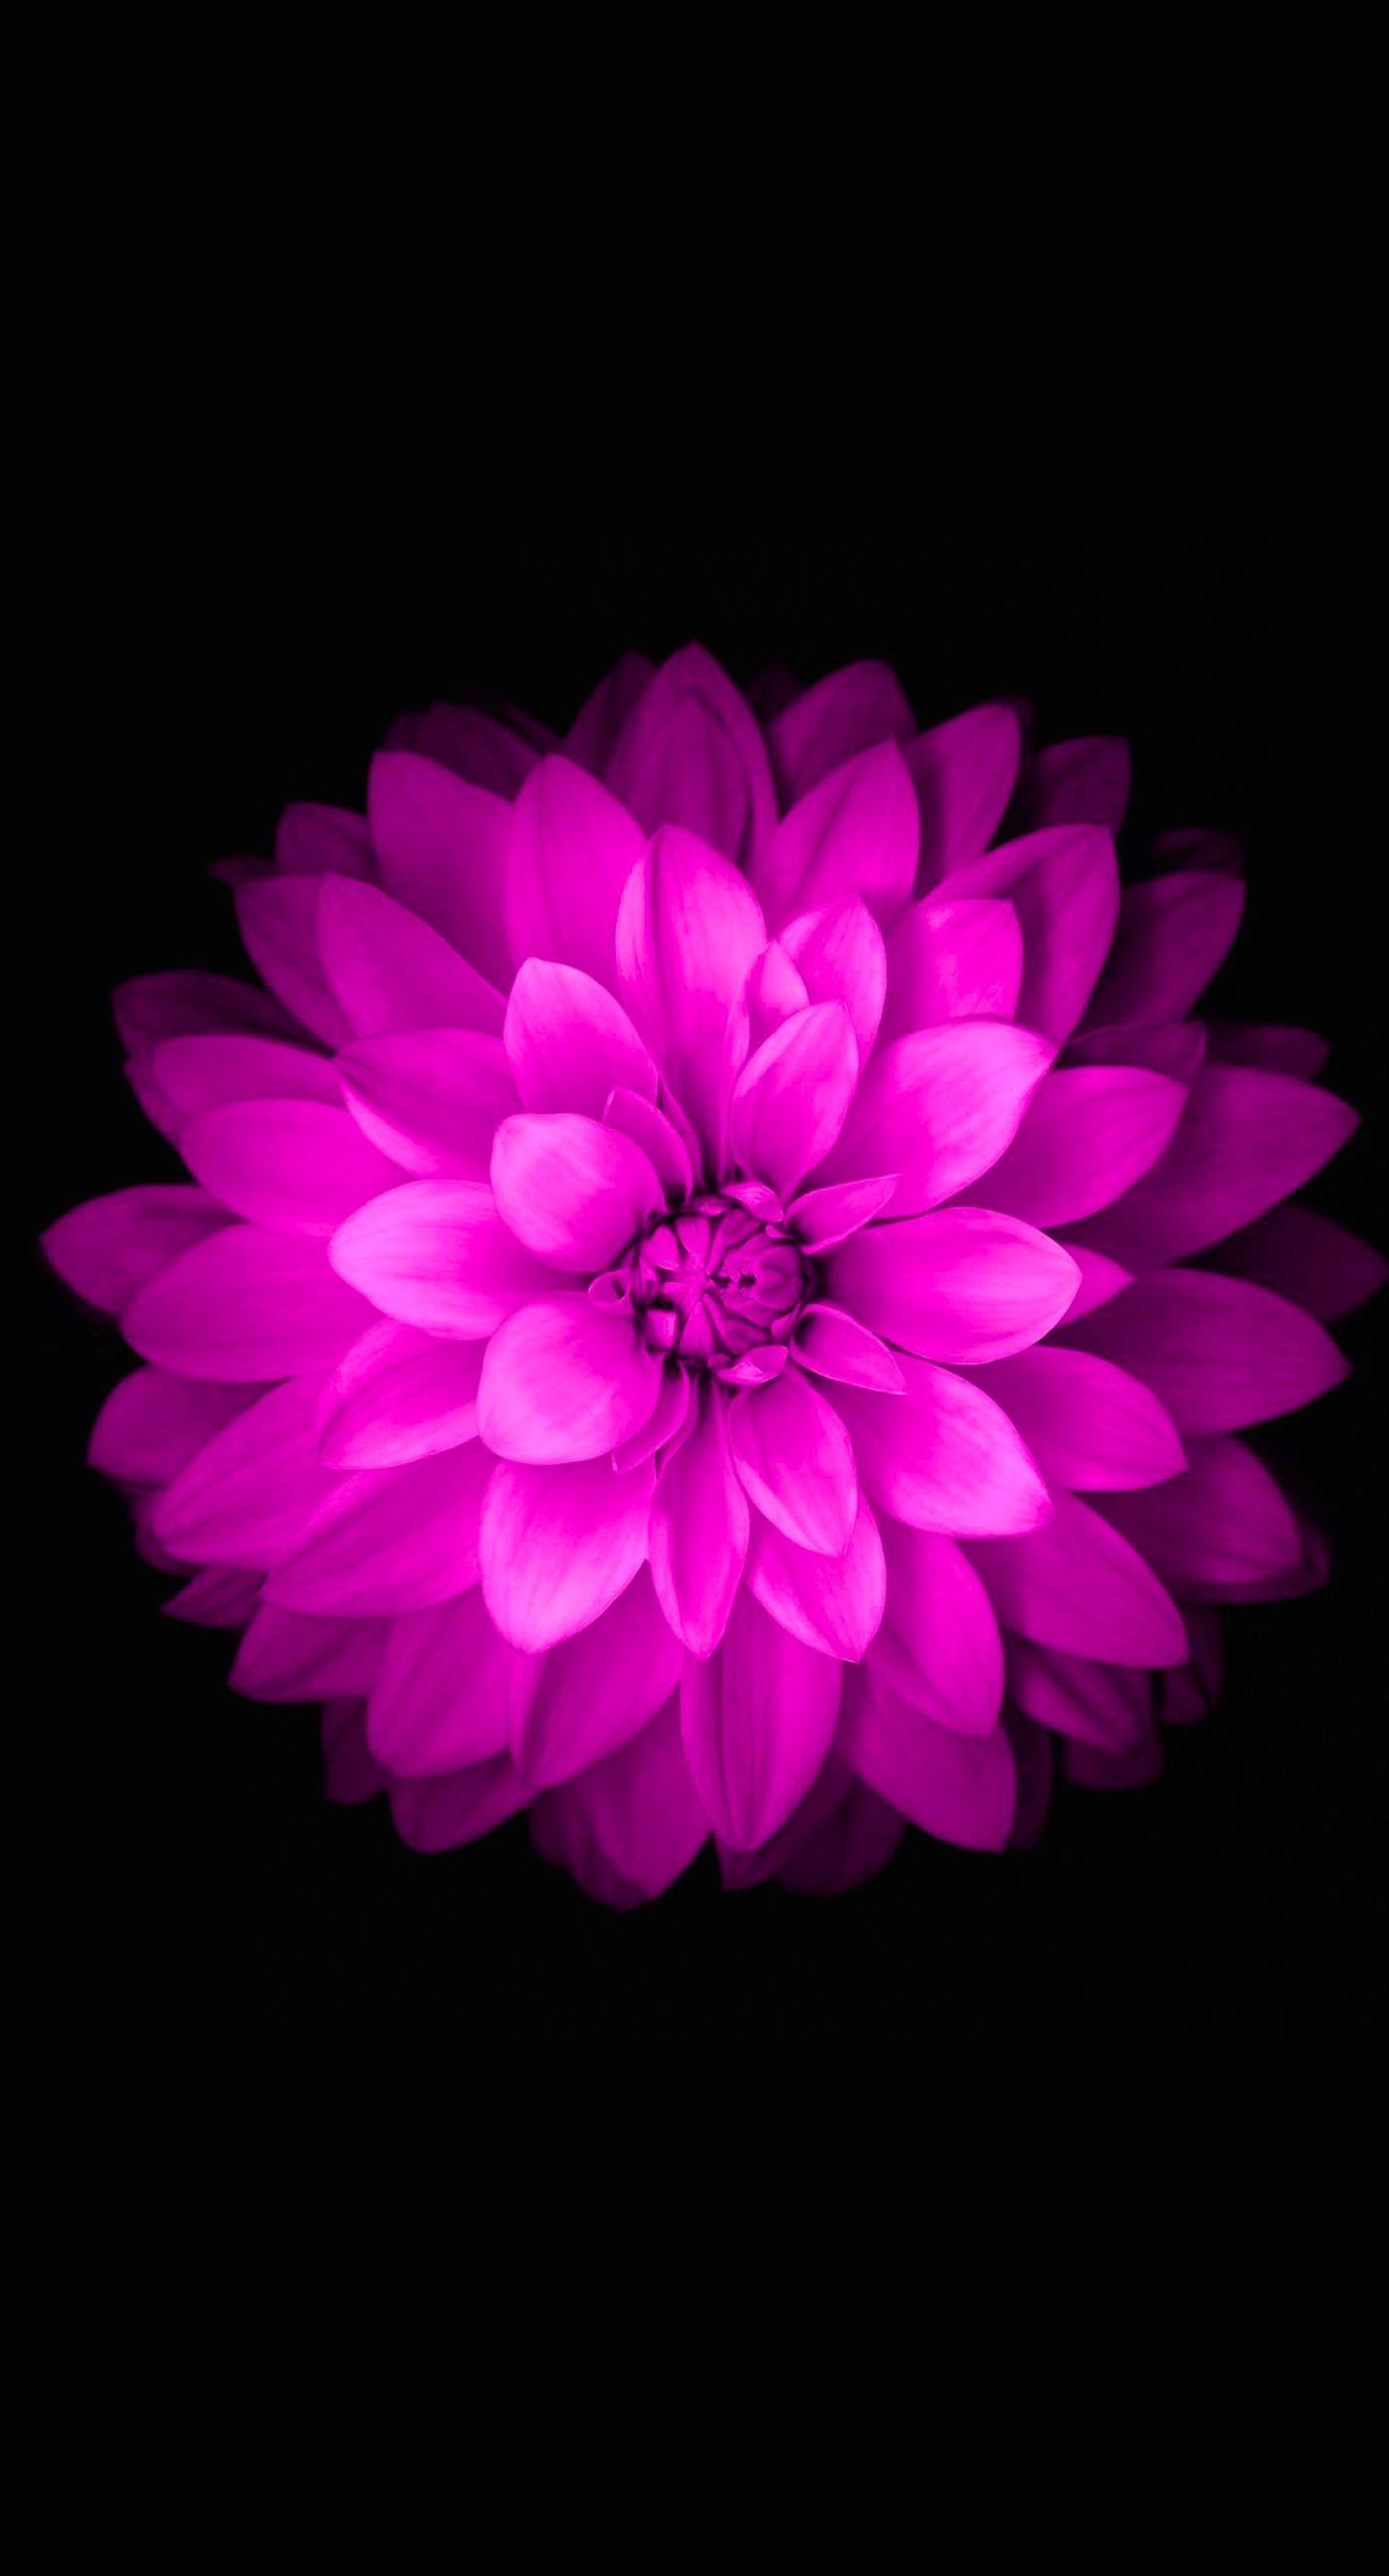 Purple Flower Wallpaper for iPhone WallpaperSafari